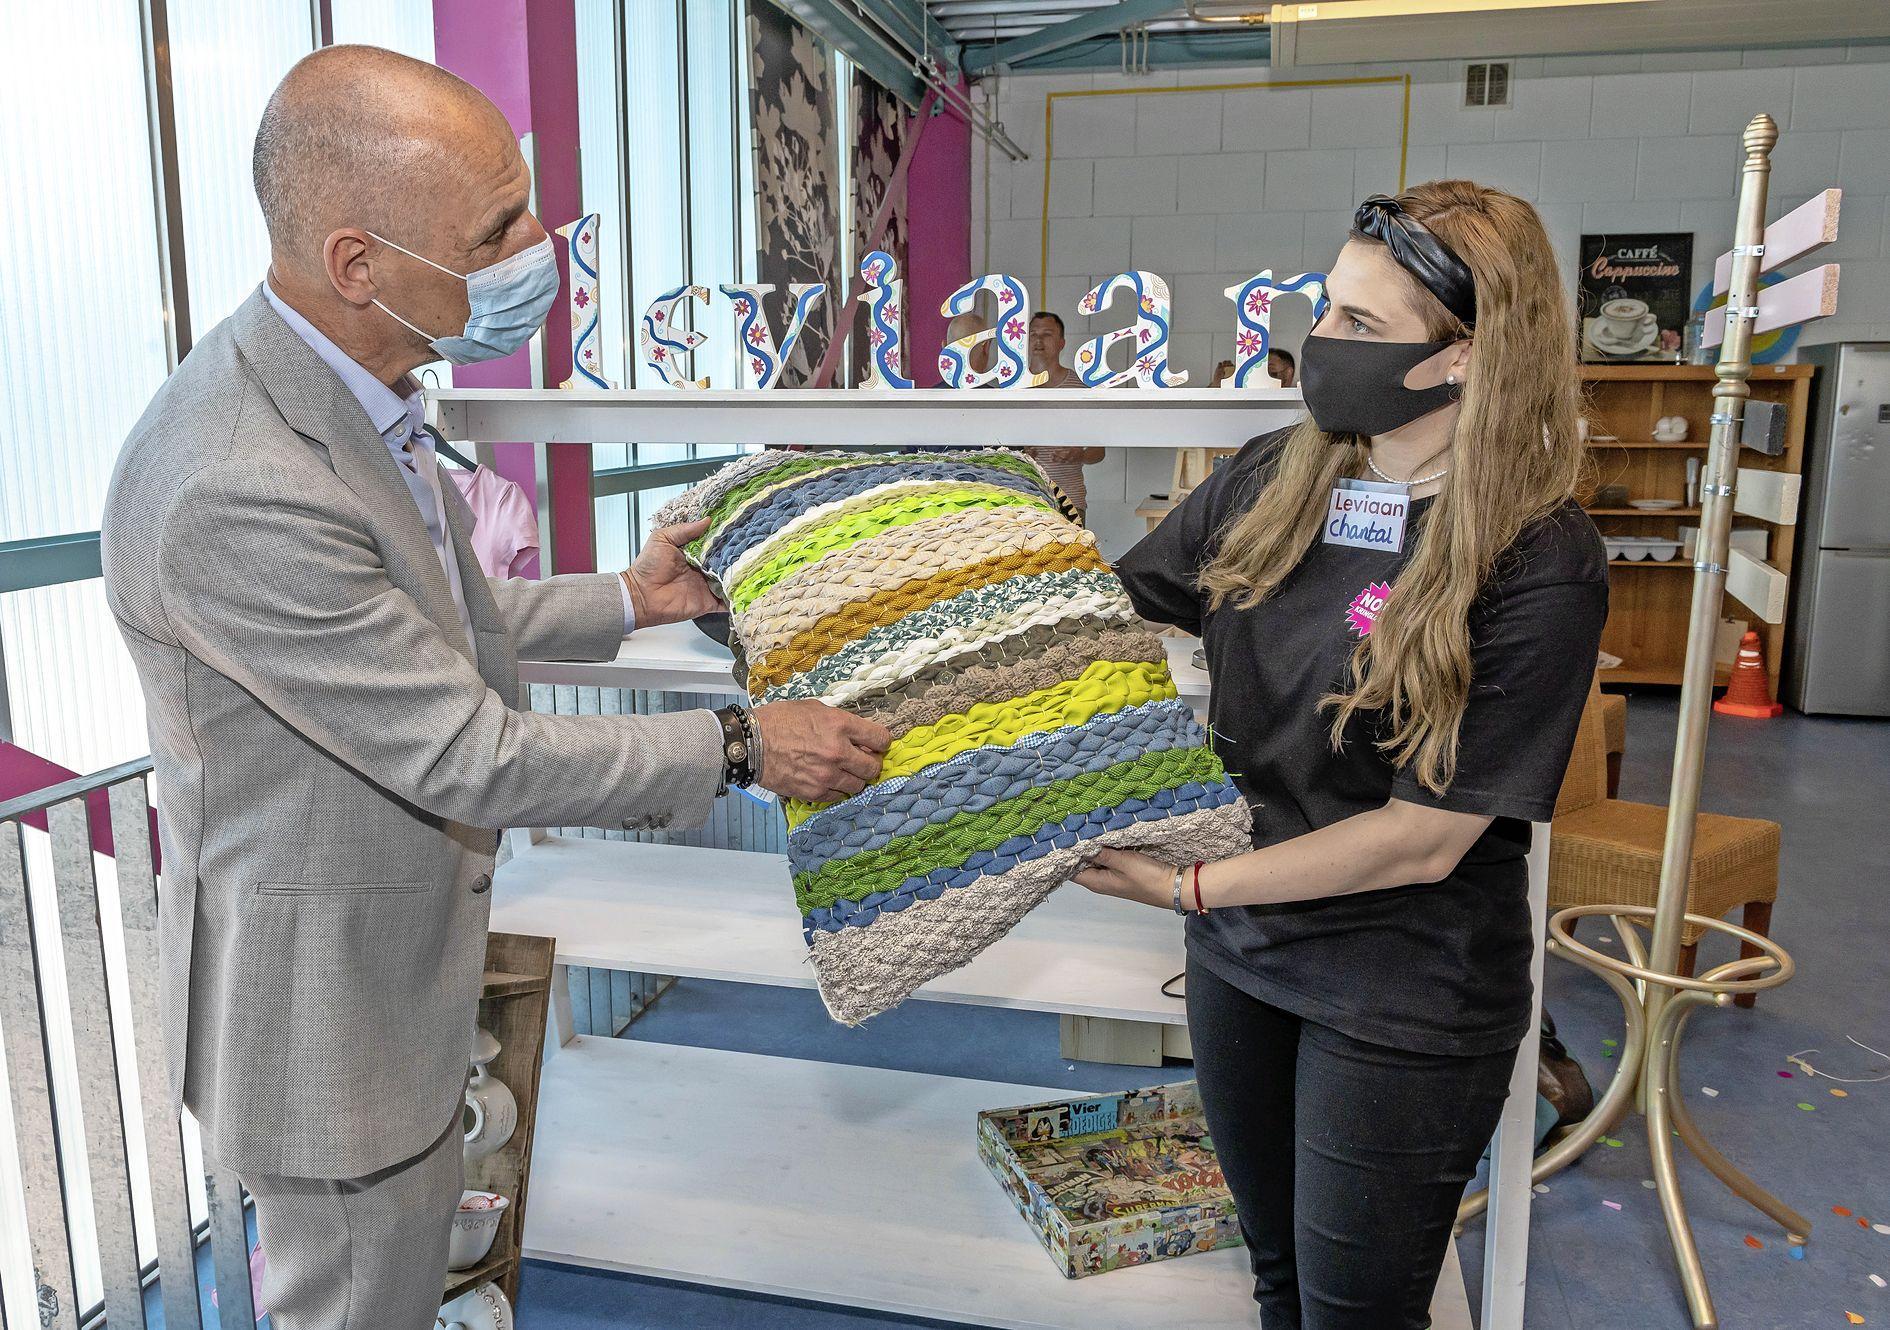 Agentschap PostNL en kunst Leviaan om kringloopwinkels Noppes in Zaandam en Purmerend te versterken. Directeur Roland Heijnen praat ook met praktijkonderwijs